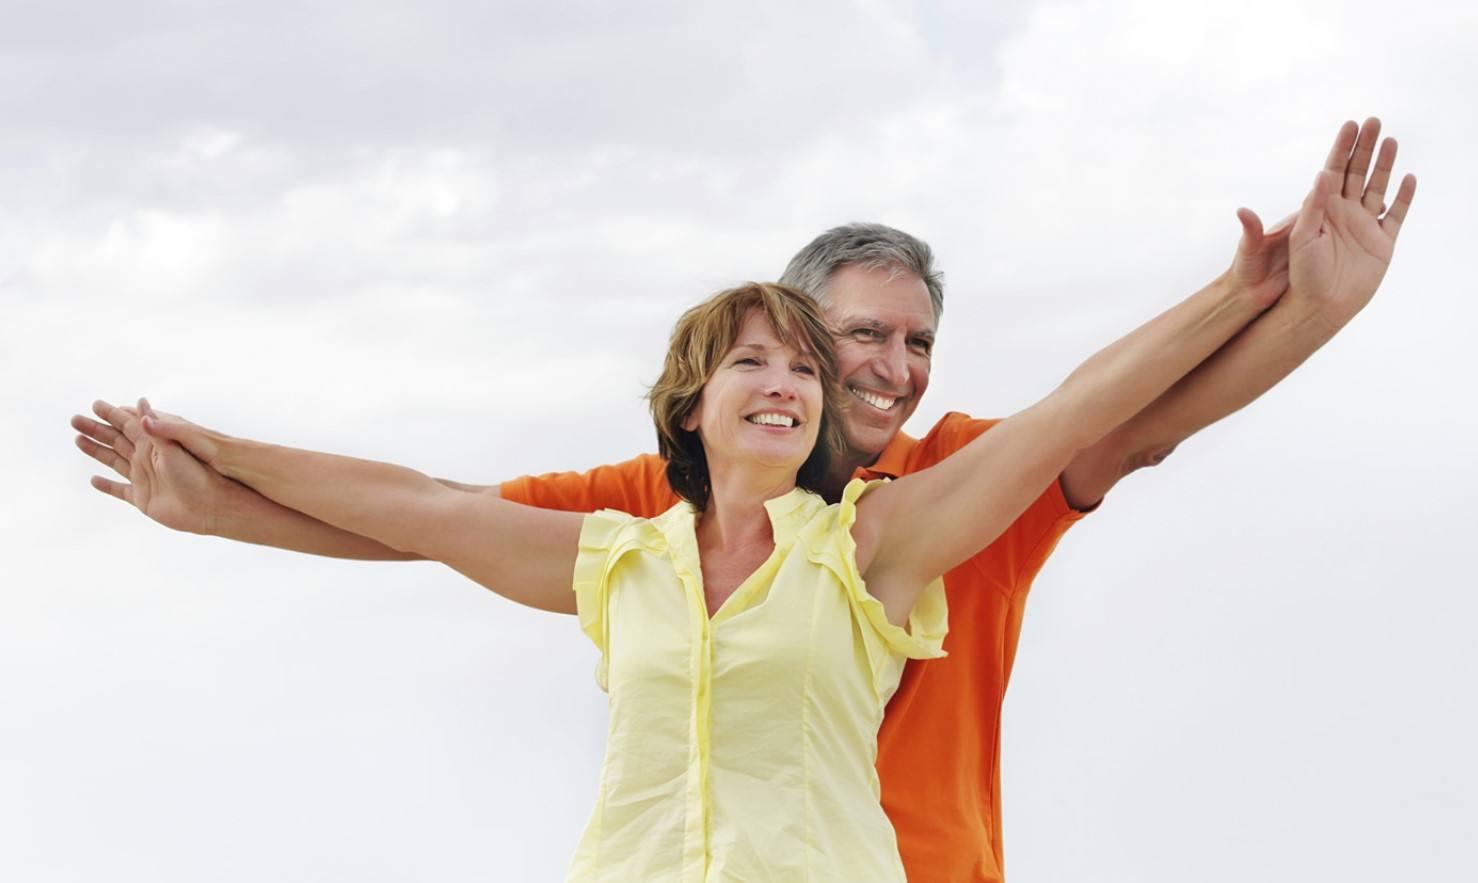 coroa metade site de namoro maiores de 50